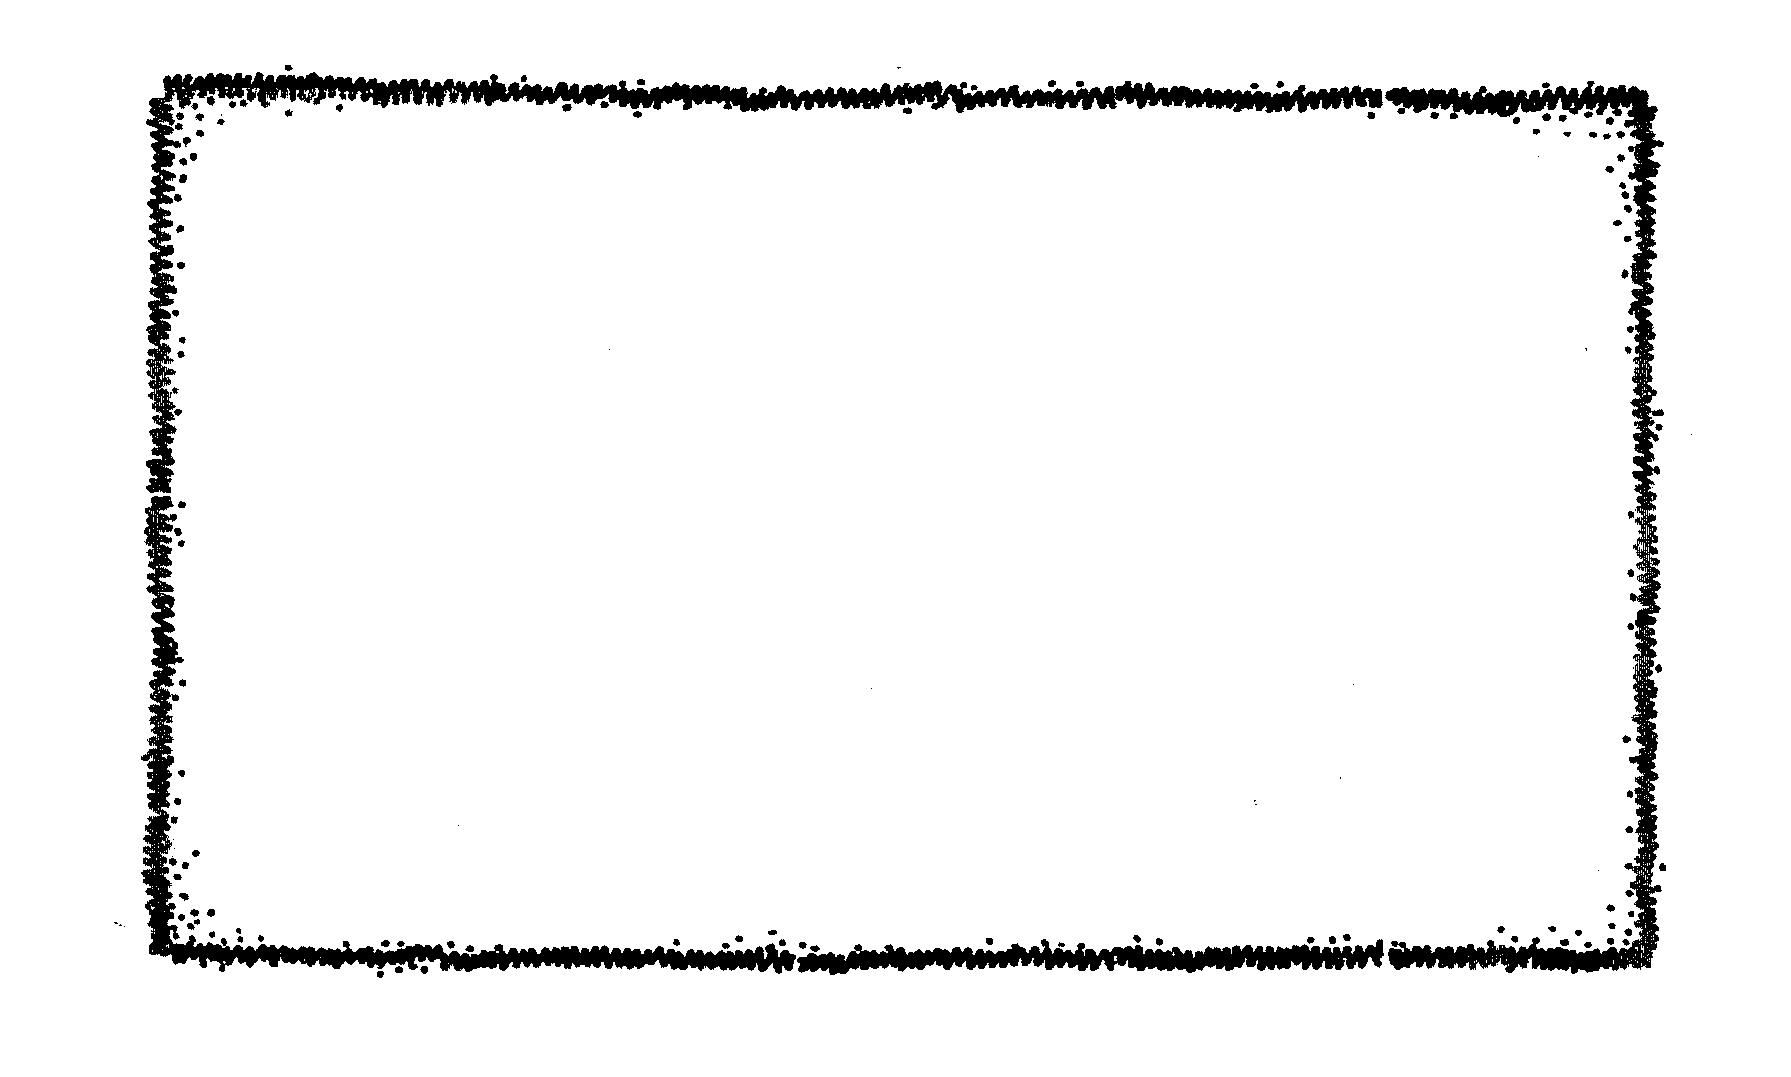 Border lines clip art.